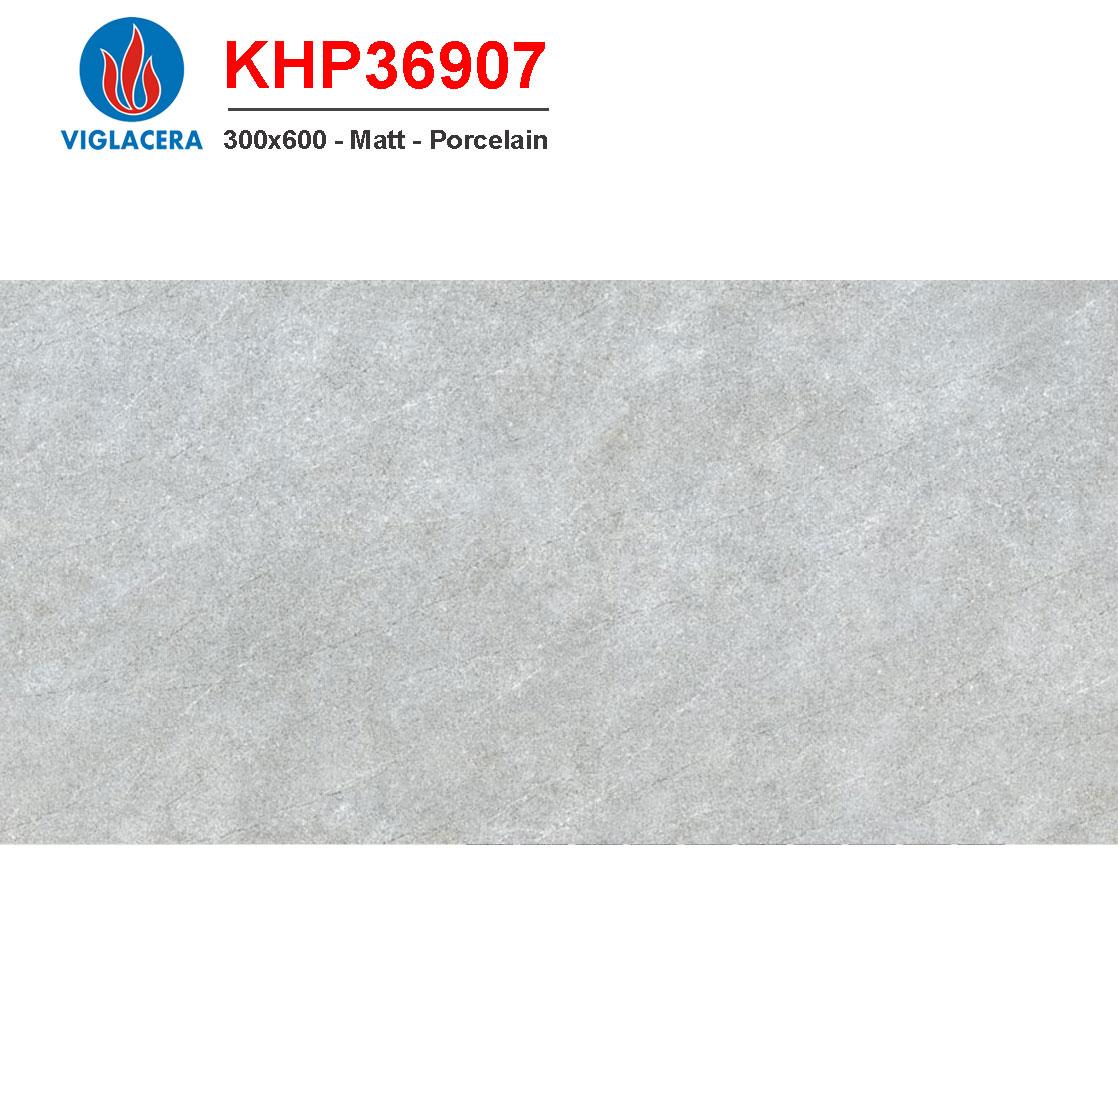 Gạch ốp tường Viglacera KHP36907 giá ưu đãi